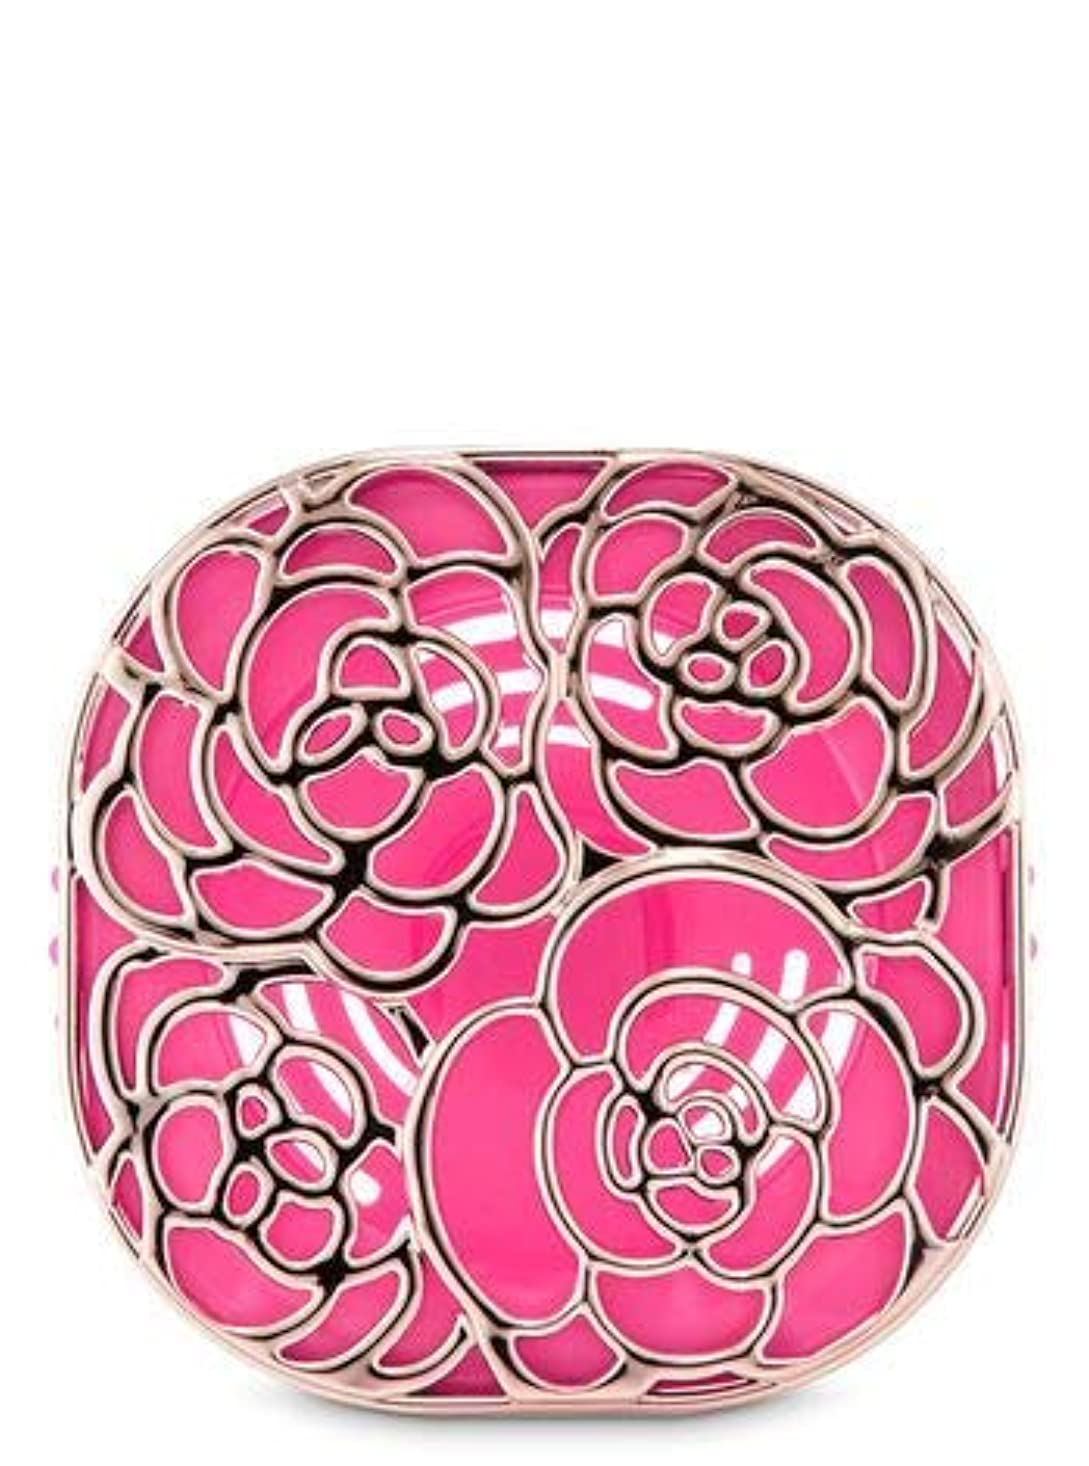 ソファー設計より平らな【Bath&Body Works/バス&ボディワークス】 車用芳香剤 セントポータブル ホルダー (本体ケースのみ) ローズ Scentportable Holder Rose Vent Clip [並行輸入品]